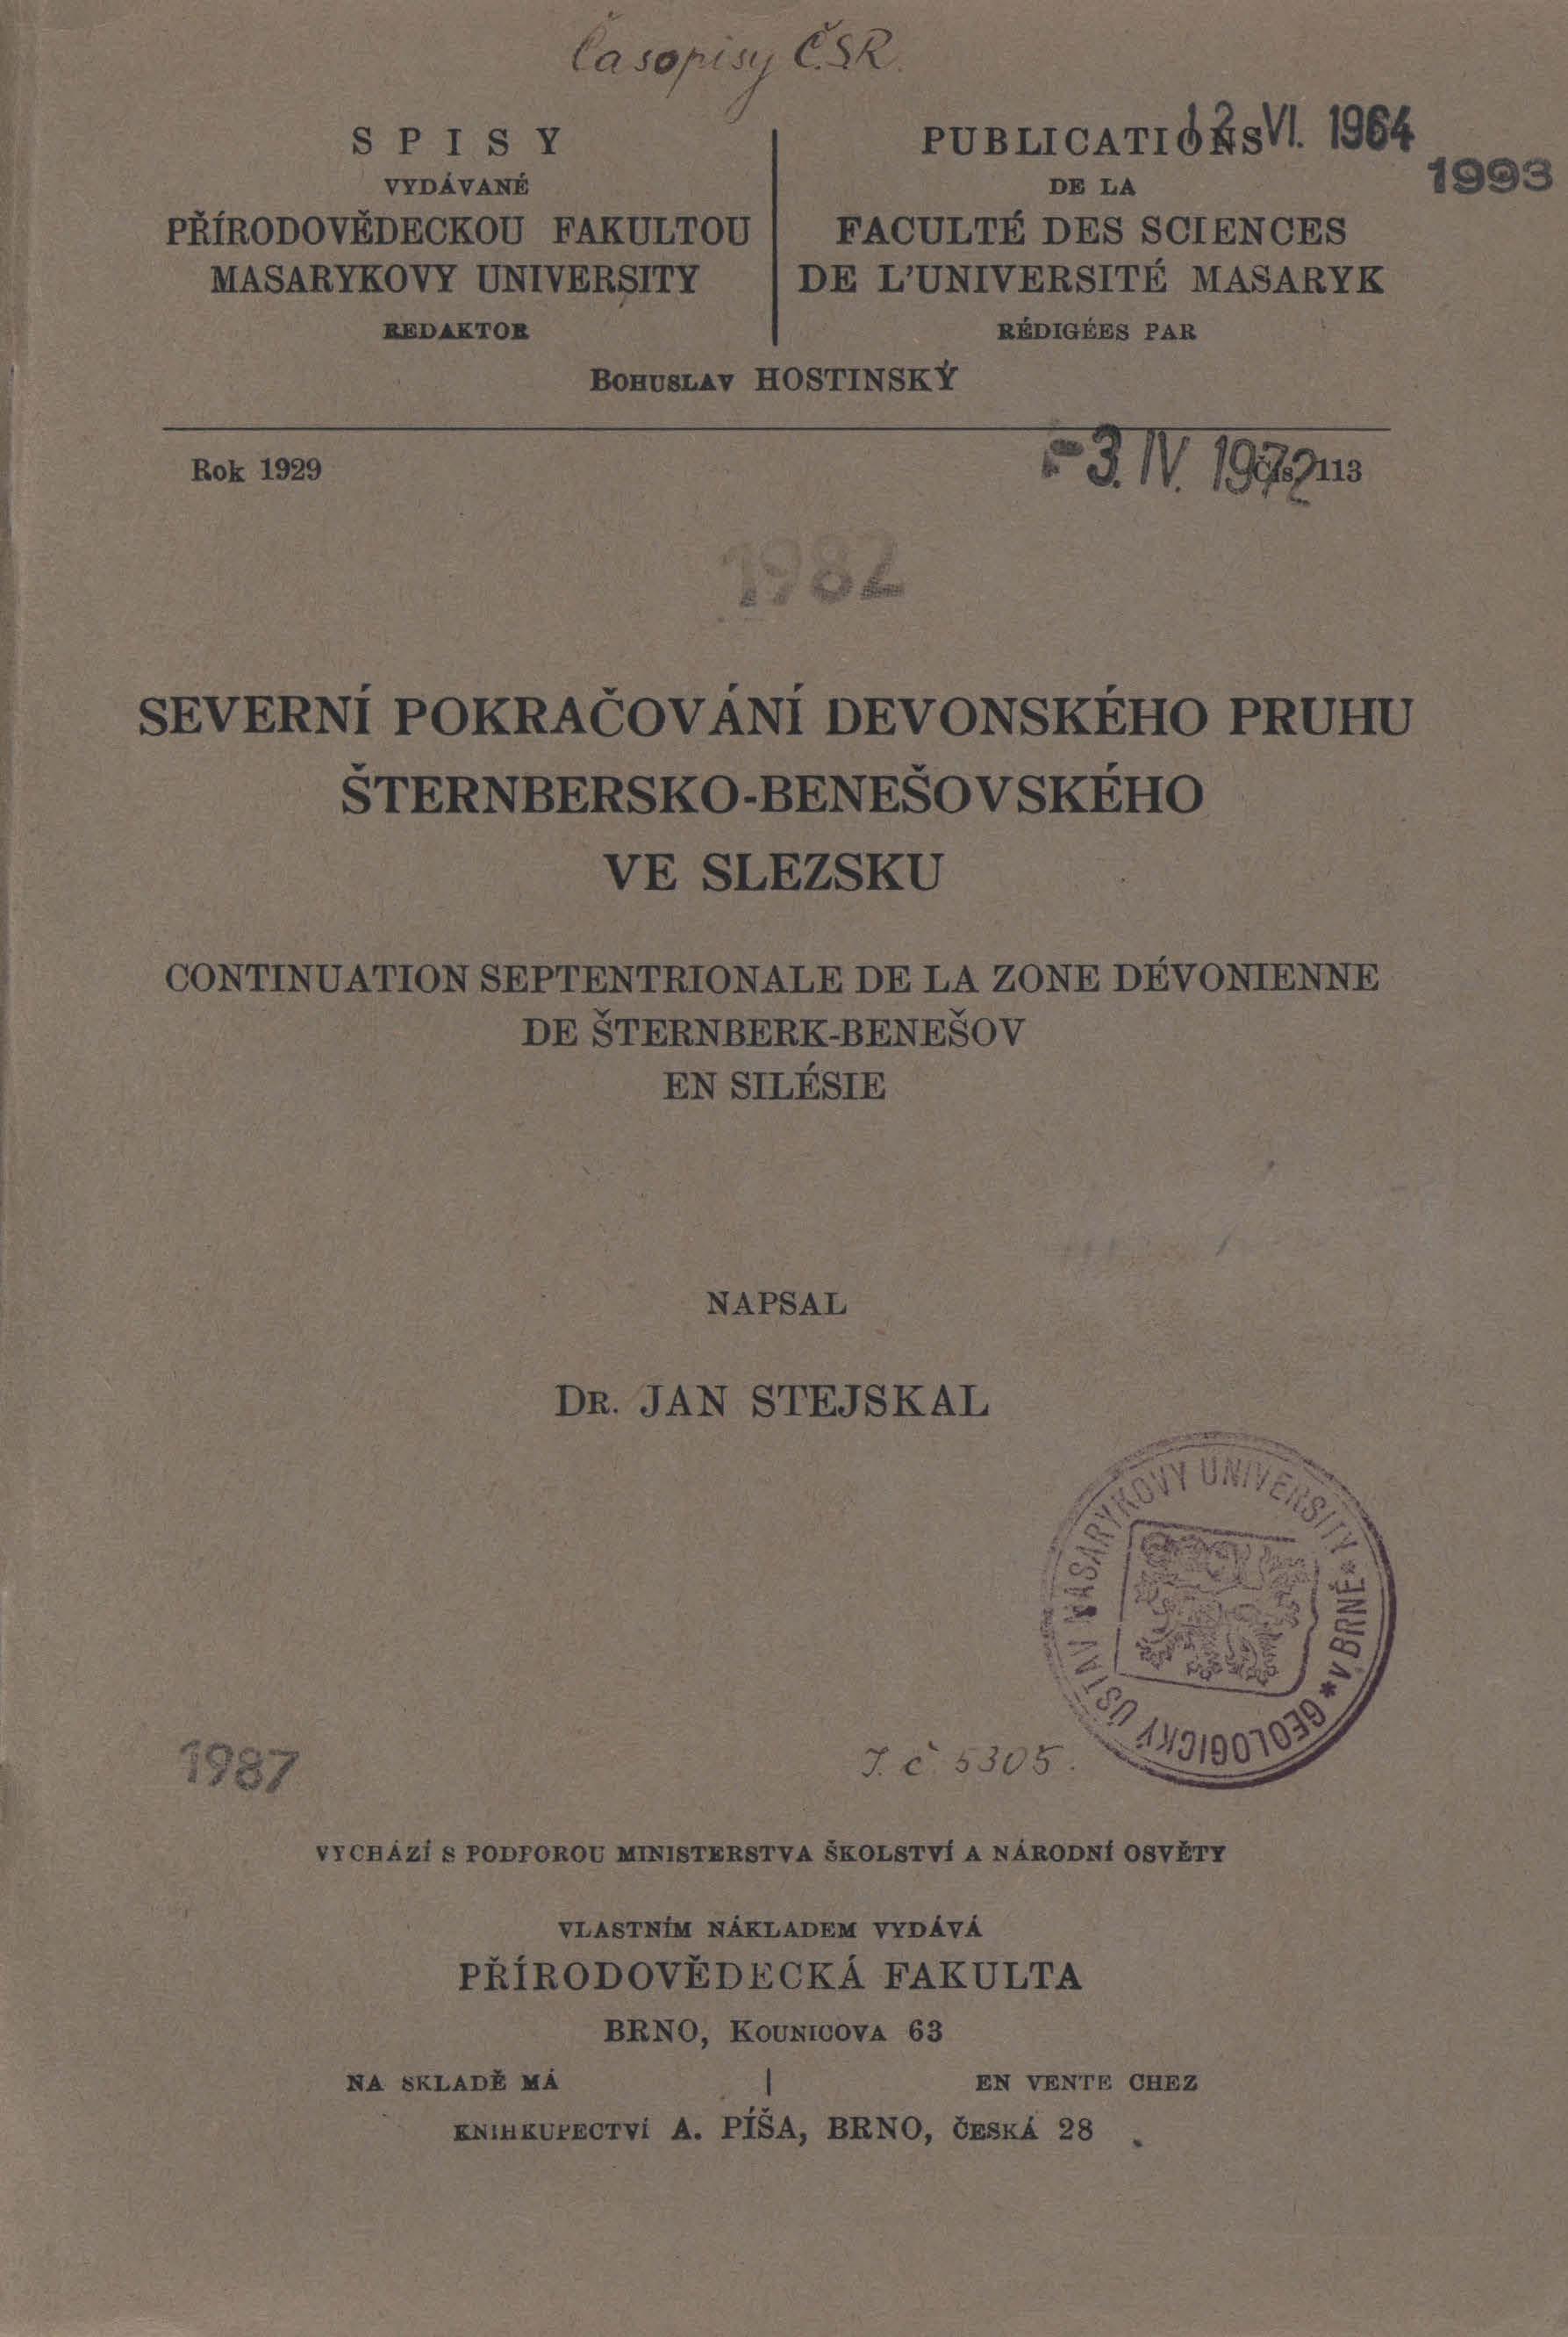 Obálka pro Severní pokračování devonského pruhu šternbersko-benešovského ve Slezsku